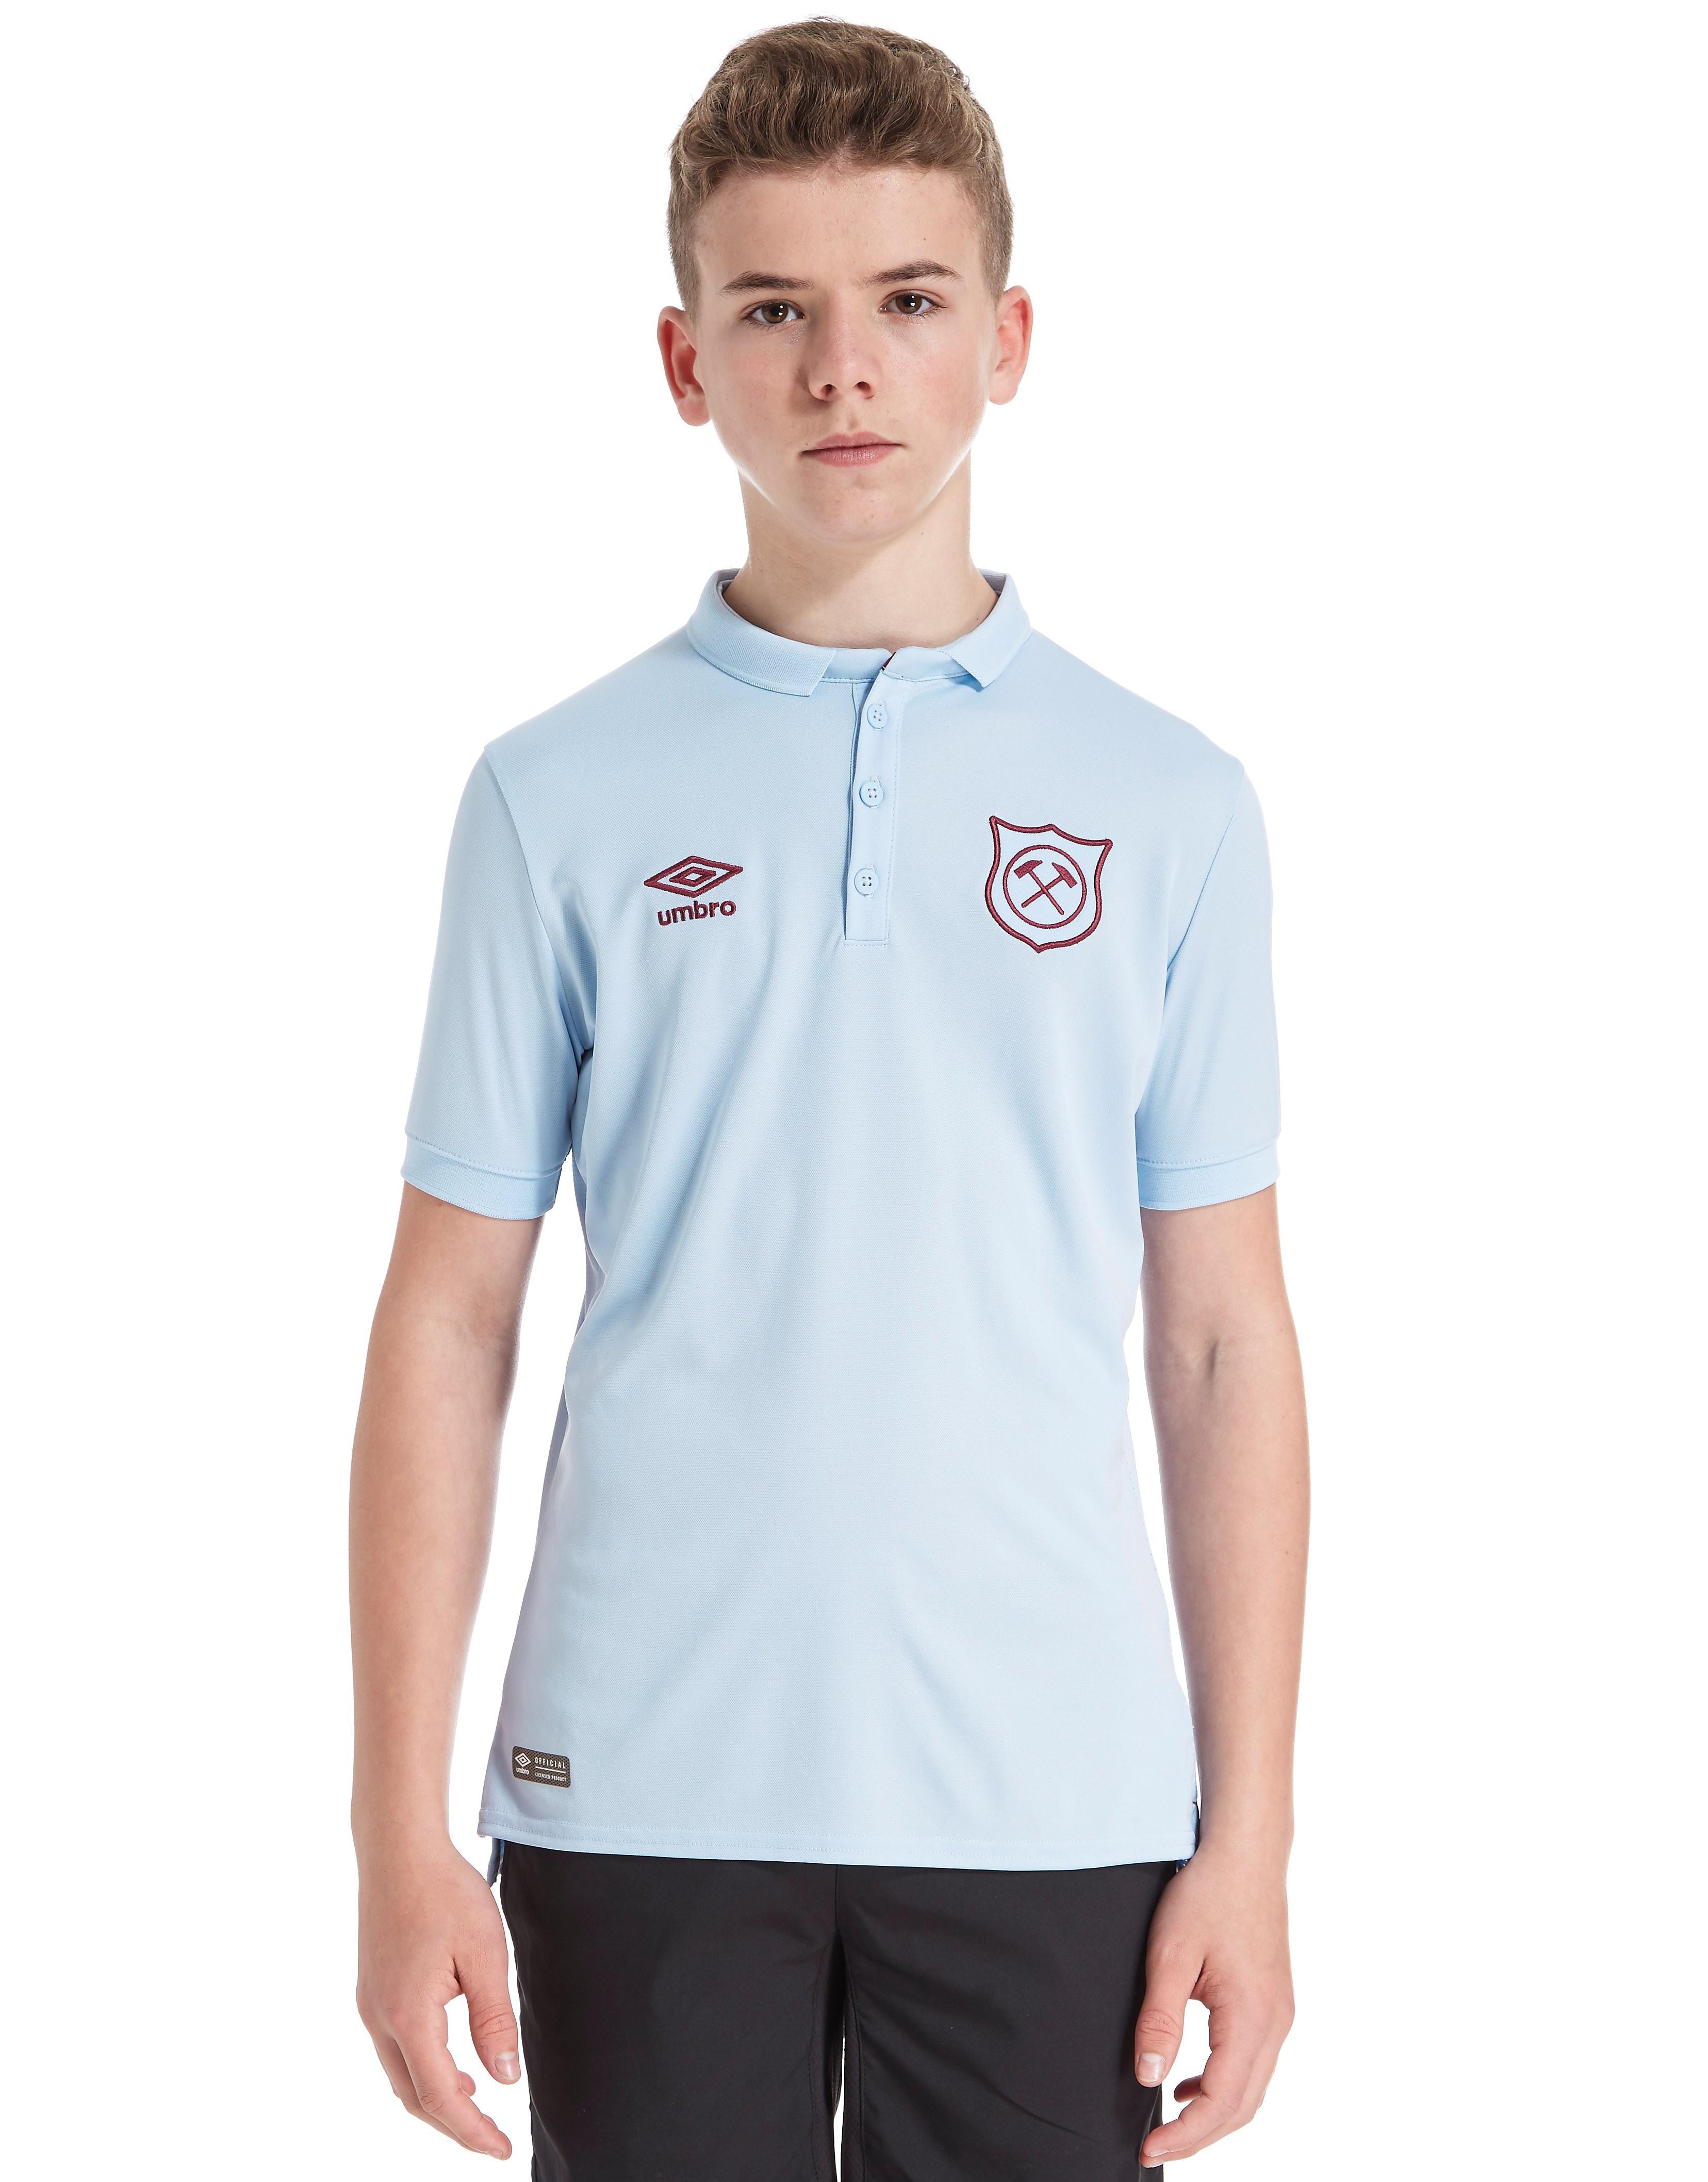 Umbro West Ham United 2017/18 Third Shirt Junior